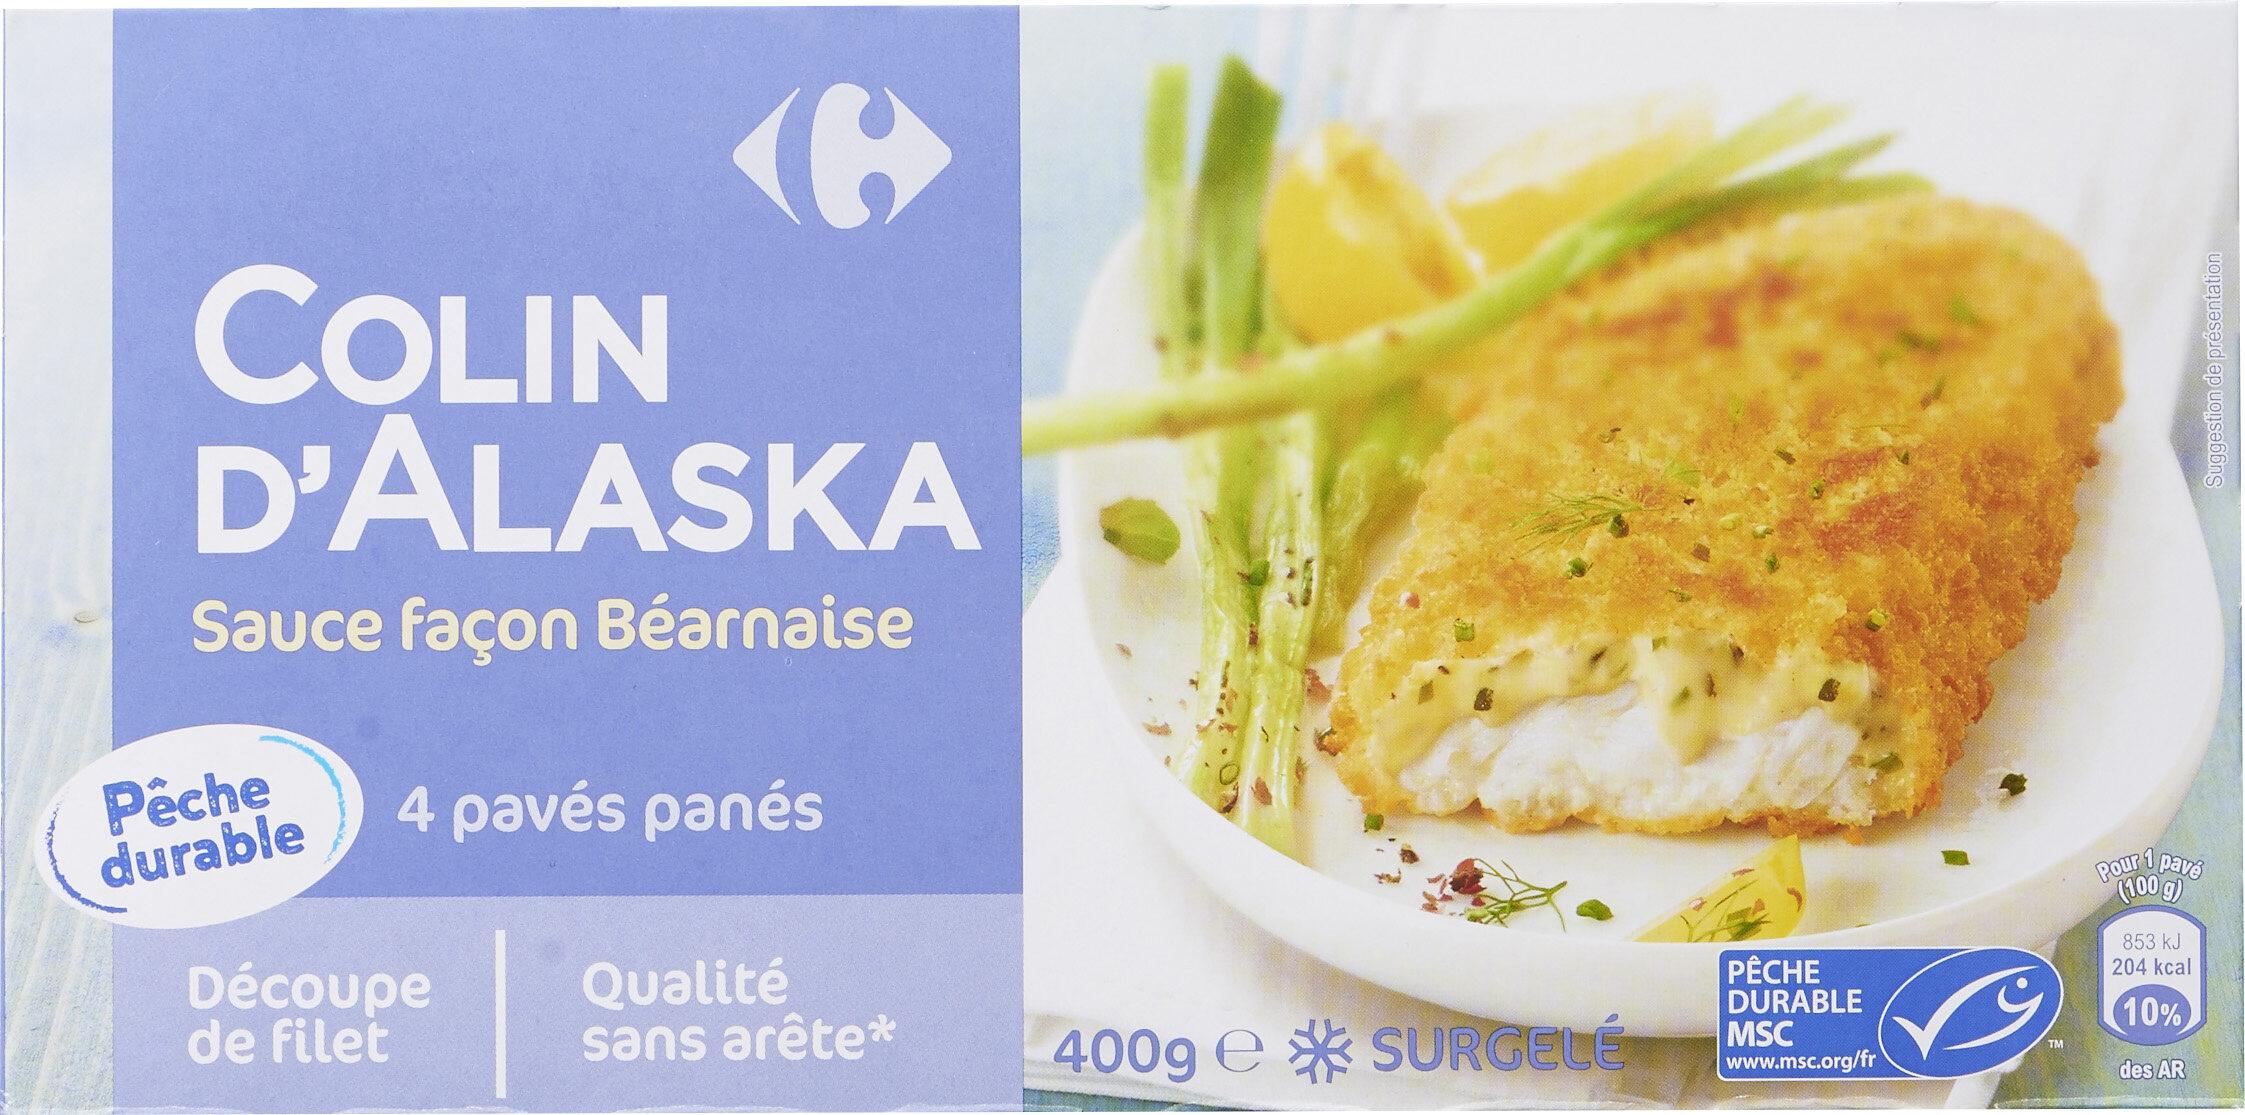 Colin d'Alaska Sauce façon Béarnaise - Product - fr